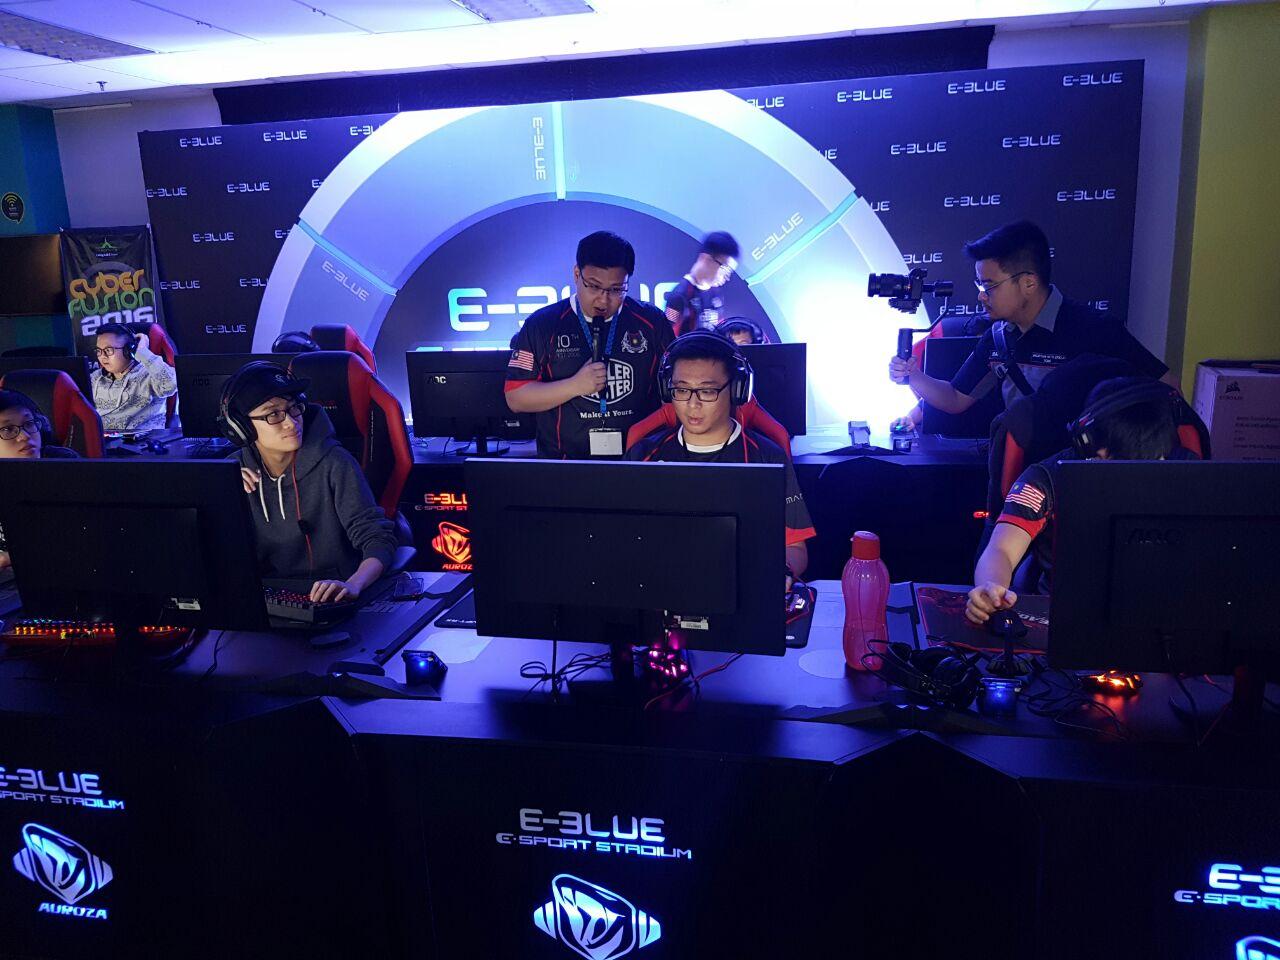 E-BLUE tại CyberFusion 2016 - sự kiện LAN lớn nhất ĐNÁ